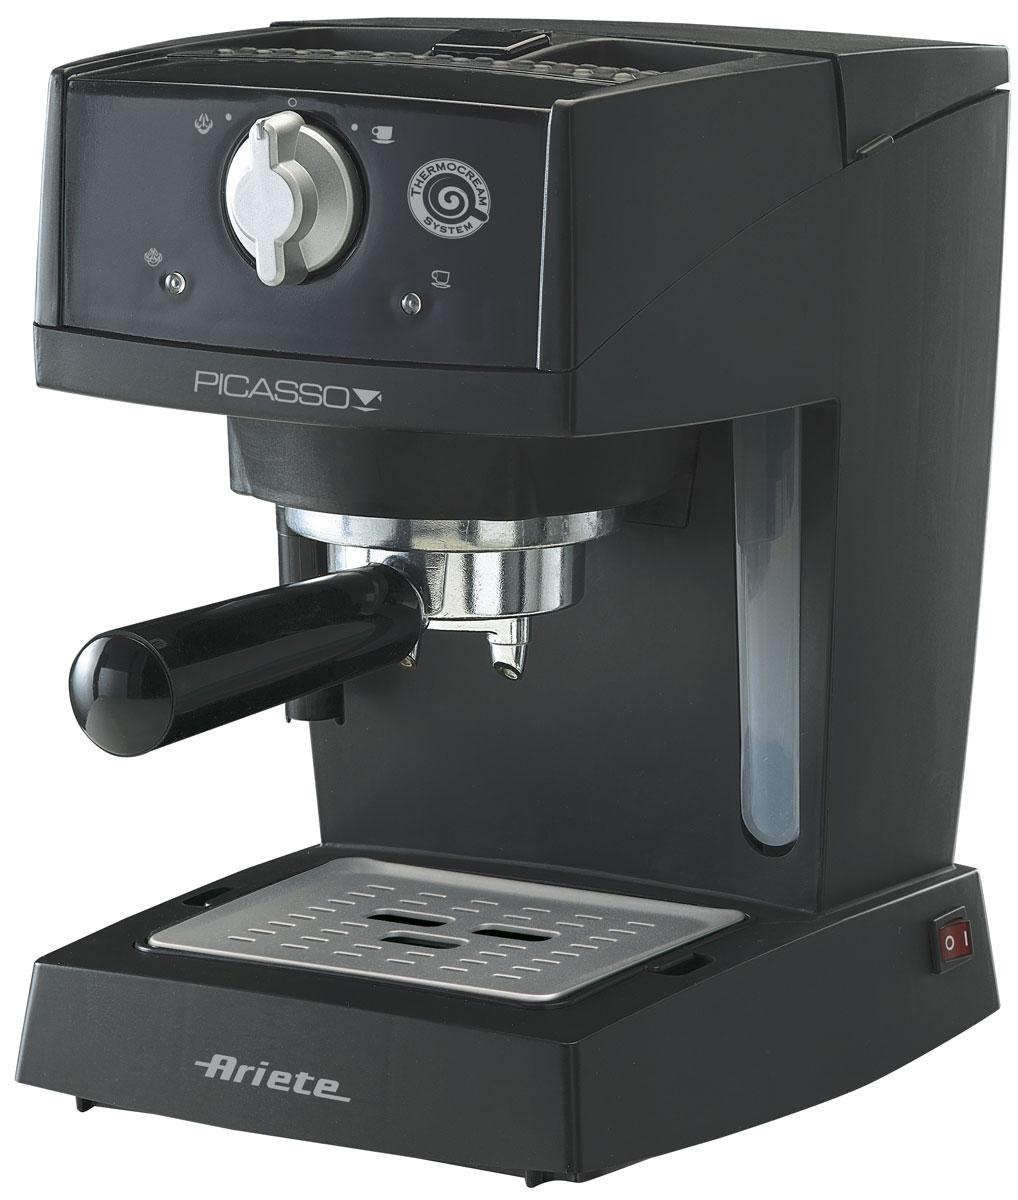 Ariete 1365 Picasso, Black кофеварка эспрессо1365Кофеварка Ariete 1365 Picasso – идеальный вариант для вашей кухни! Высокая мощность позволит быстро готовить свежий кофе. Вы без труда можете сварить одновременно до двух чашек кофе. Также имеется возможность приготовления капучино. Ручная регулировка порций горячей воды позволит вам наливать только столько, сколько нужно. Помимо этого имеется подогрев чашек и съемный лоток для сбора капель, что очень удобно.